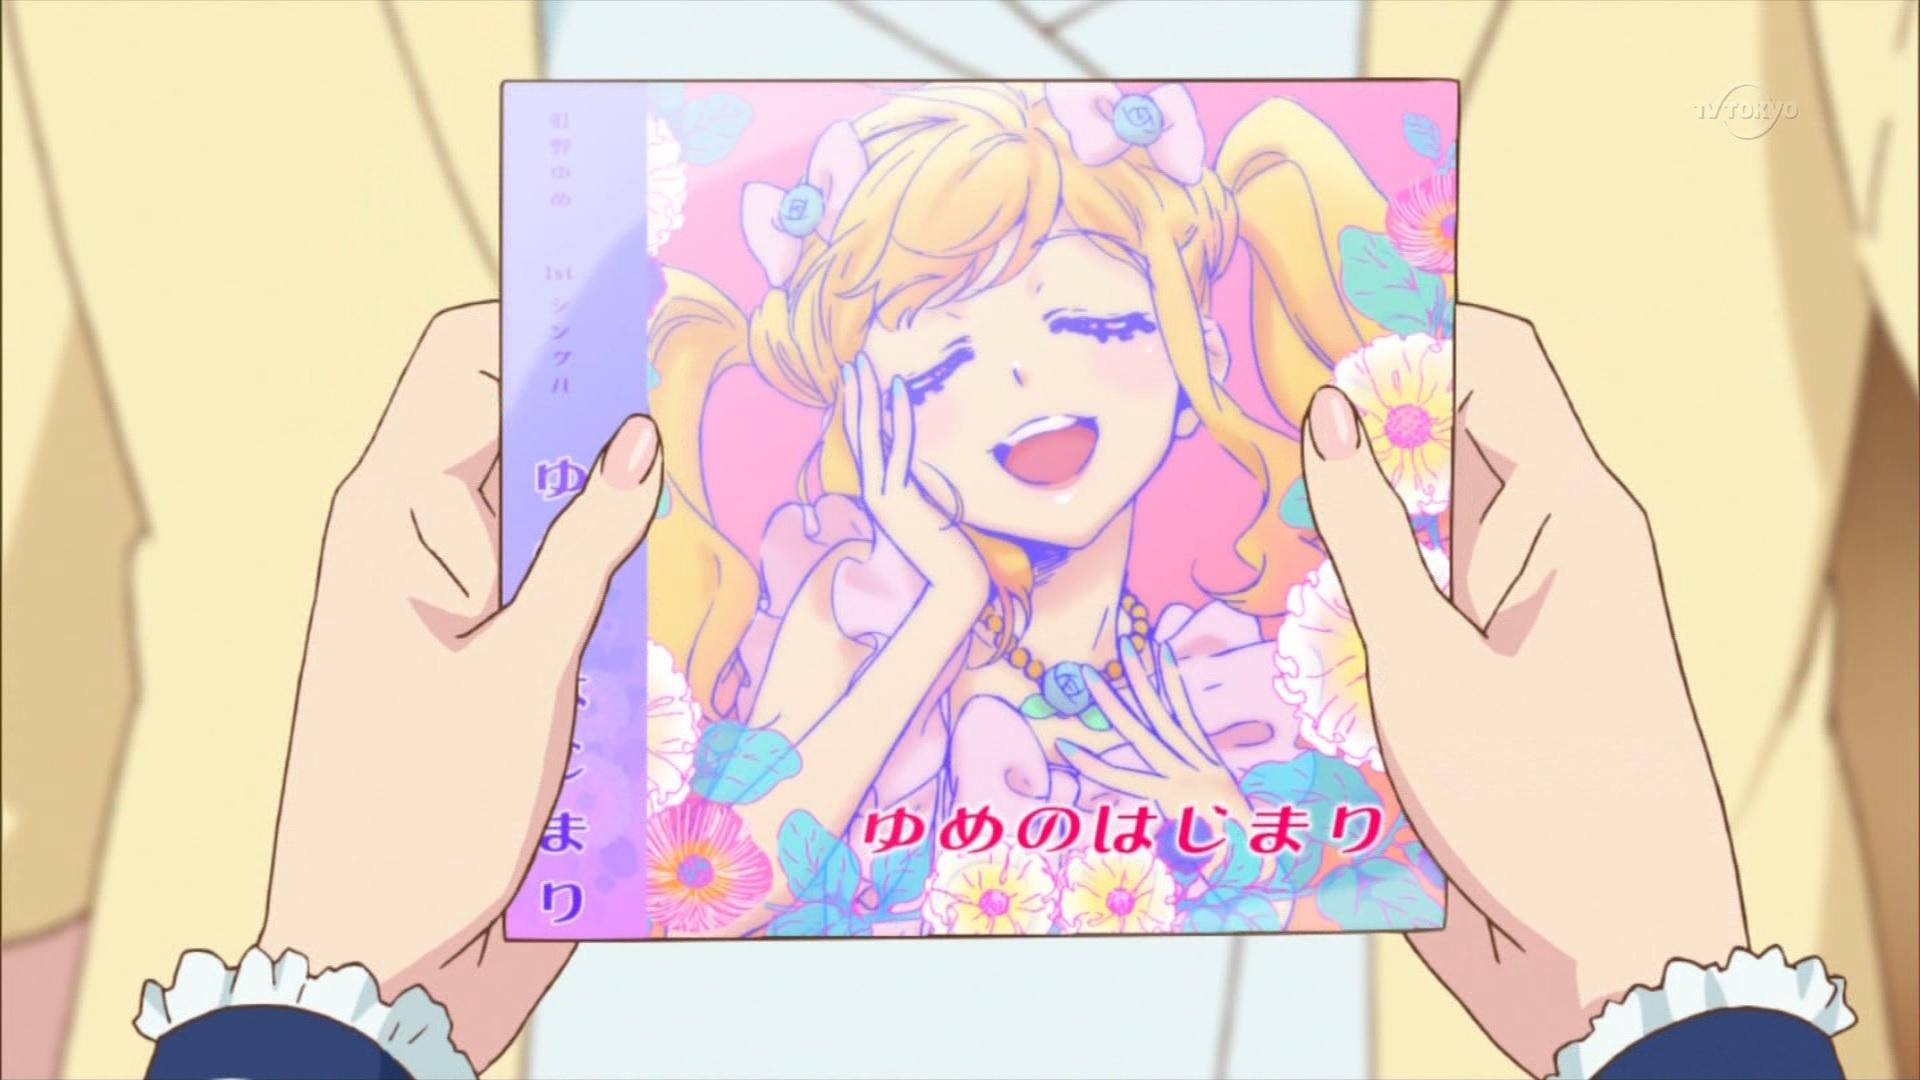 虹野ゆめのデビューCDのゆめのはじまり